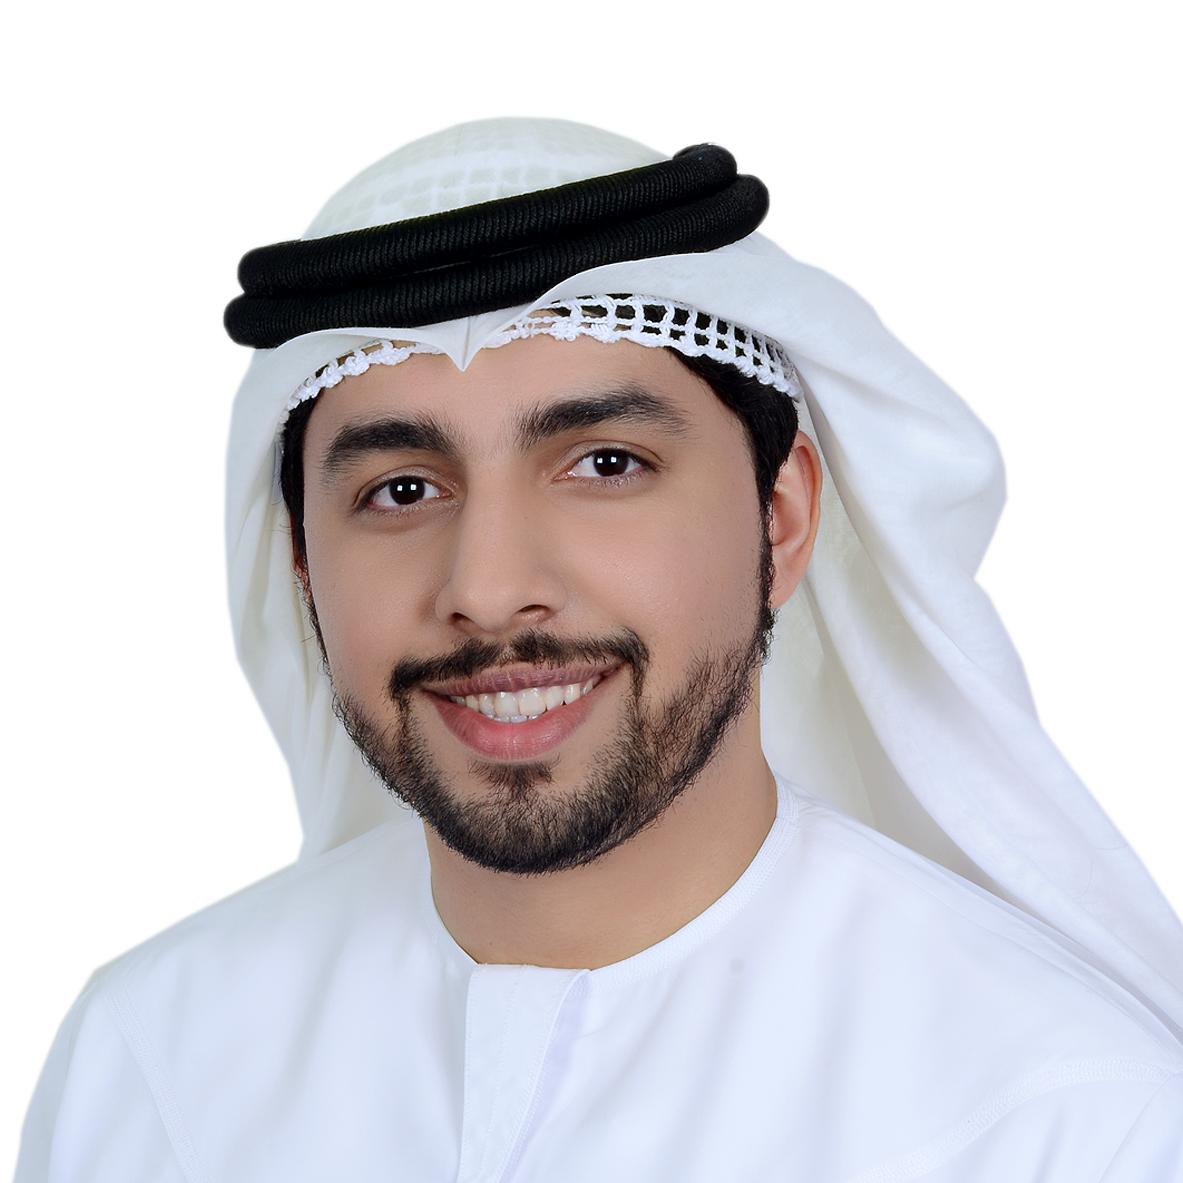 Ahmed Saeed Al Naqbi